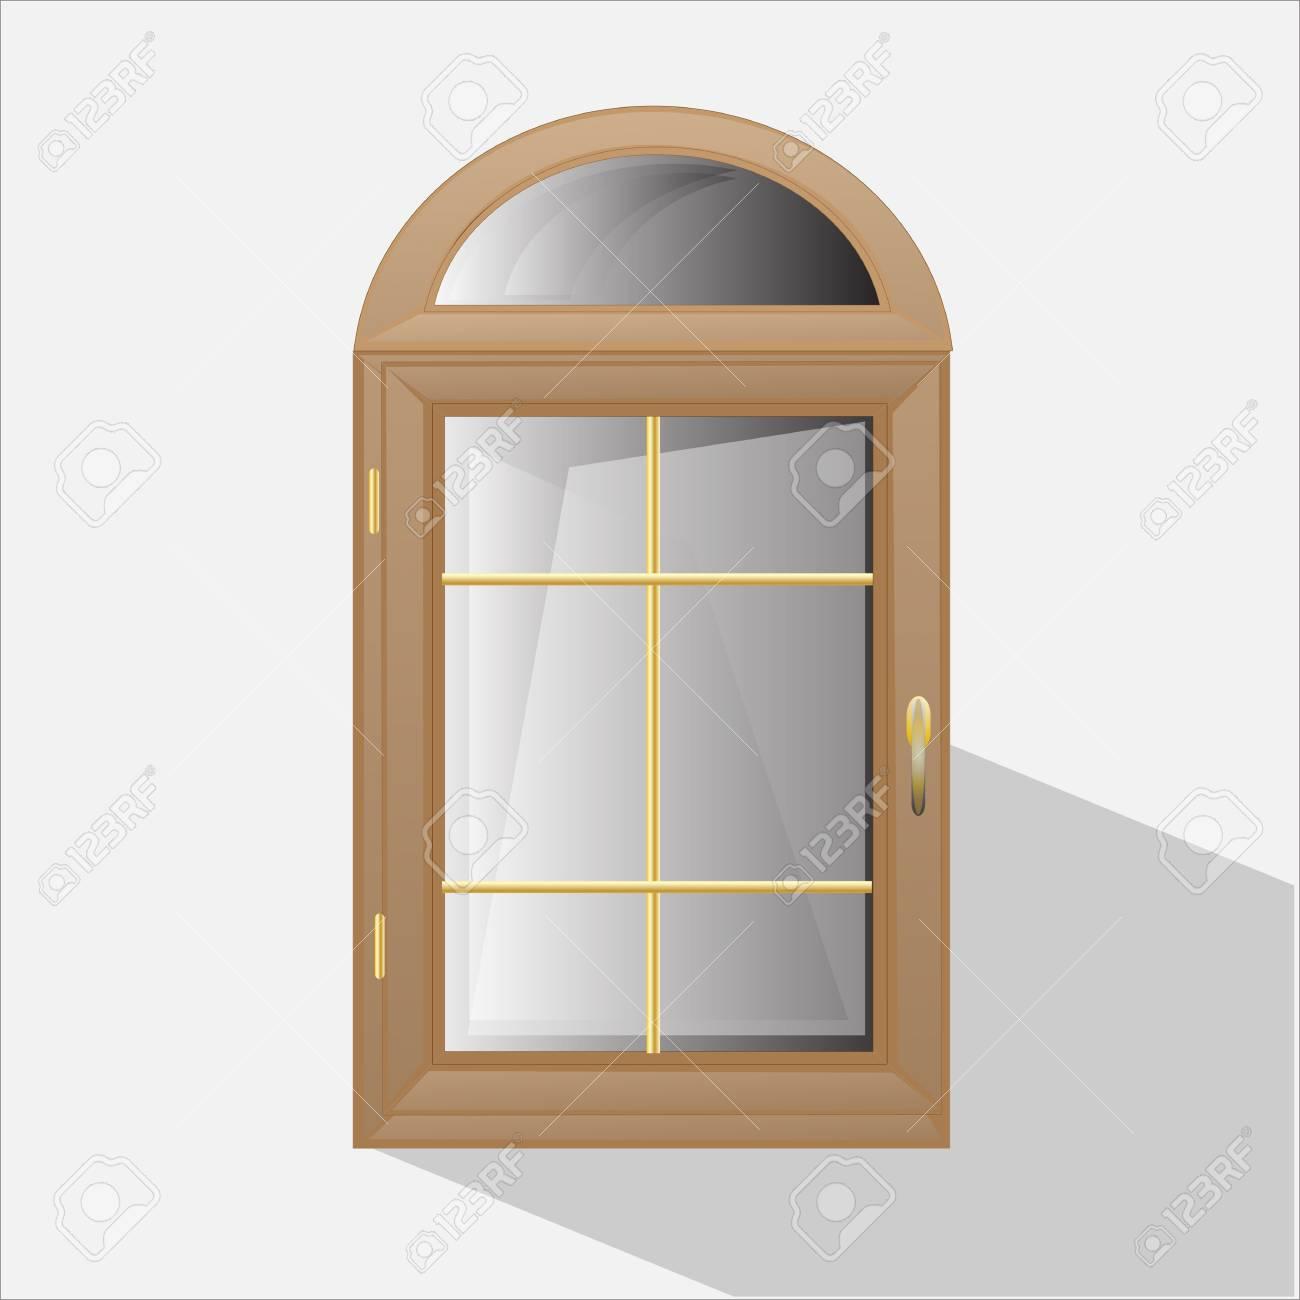 Full Size of Fenster Kunststoff Vektor Glosed Hintergrund Innen Wei Lizenzfrei Erneuern Kosten Rc3 Konfigurieren Neue Einbauen Einbruchschutzfolie Sichtschutzfolie Fenster Fenster Kunststoff